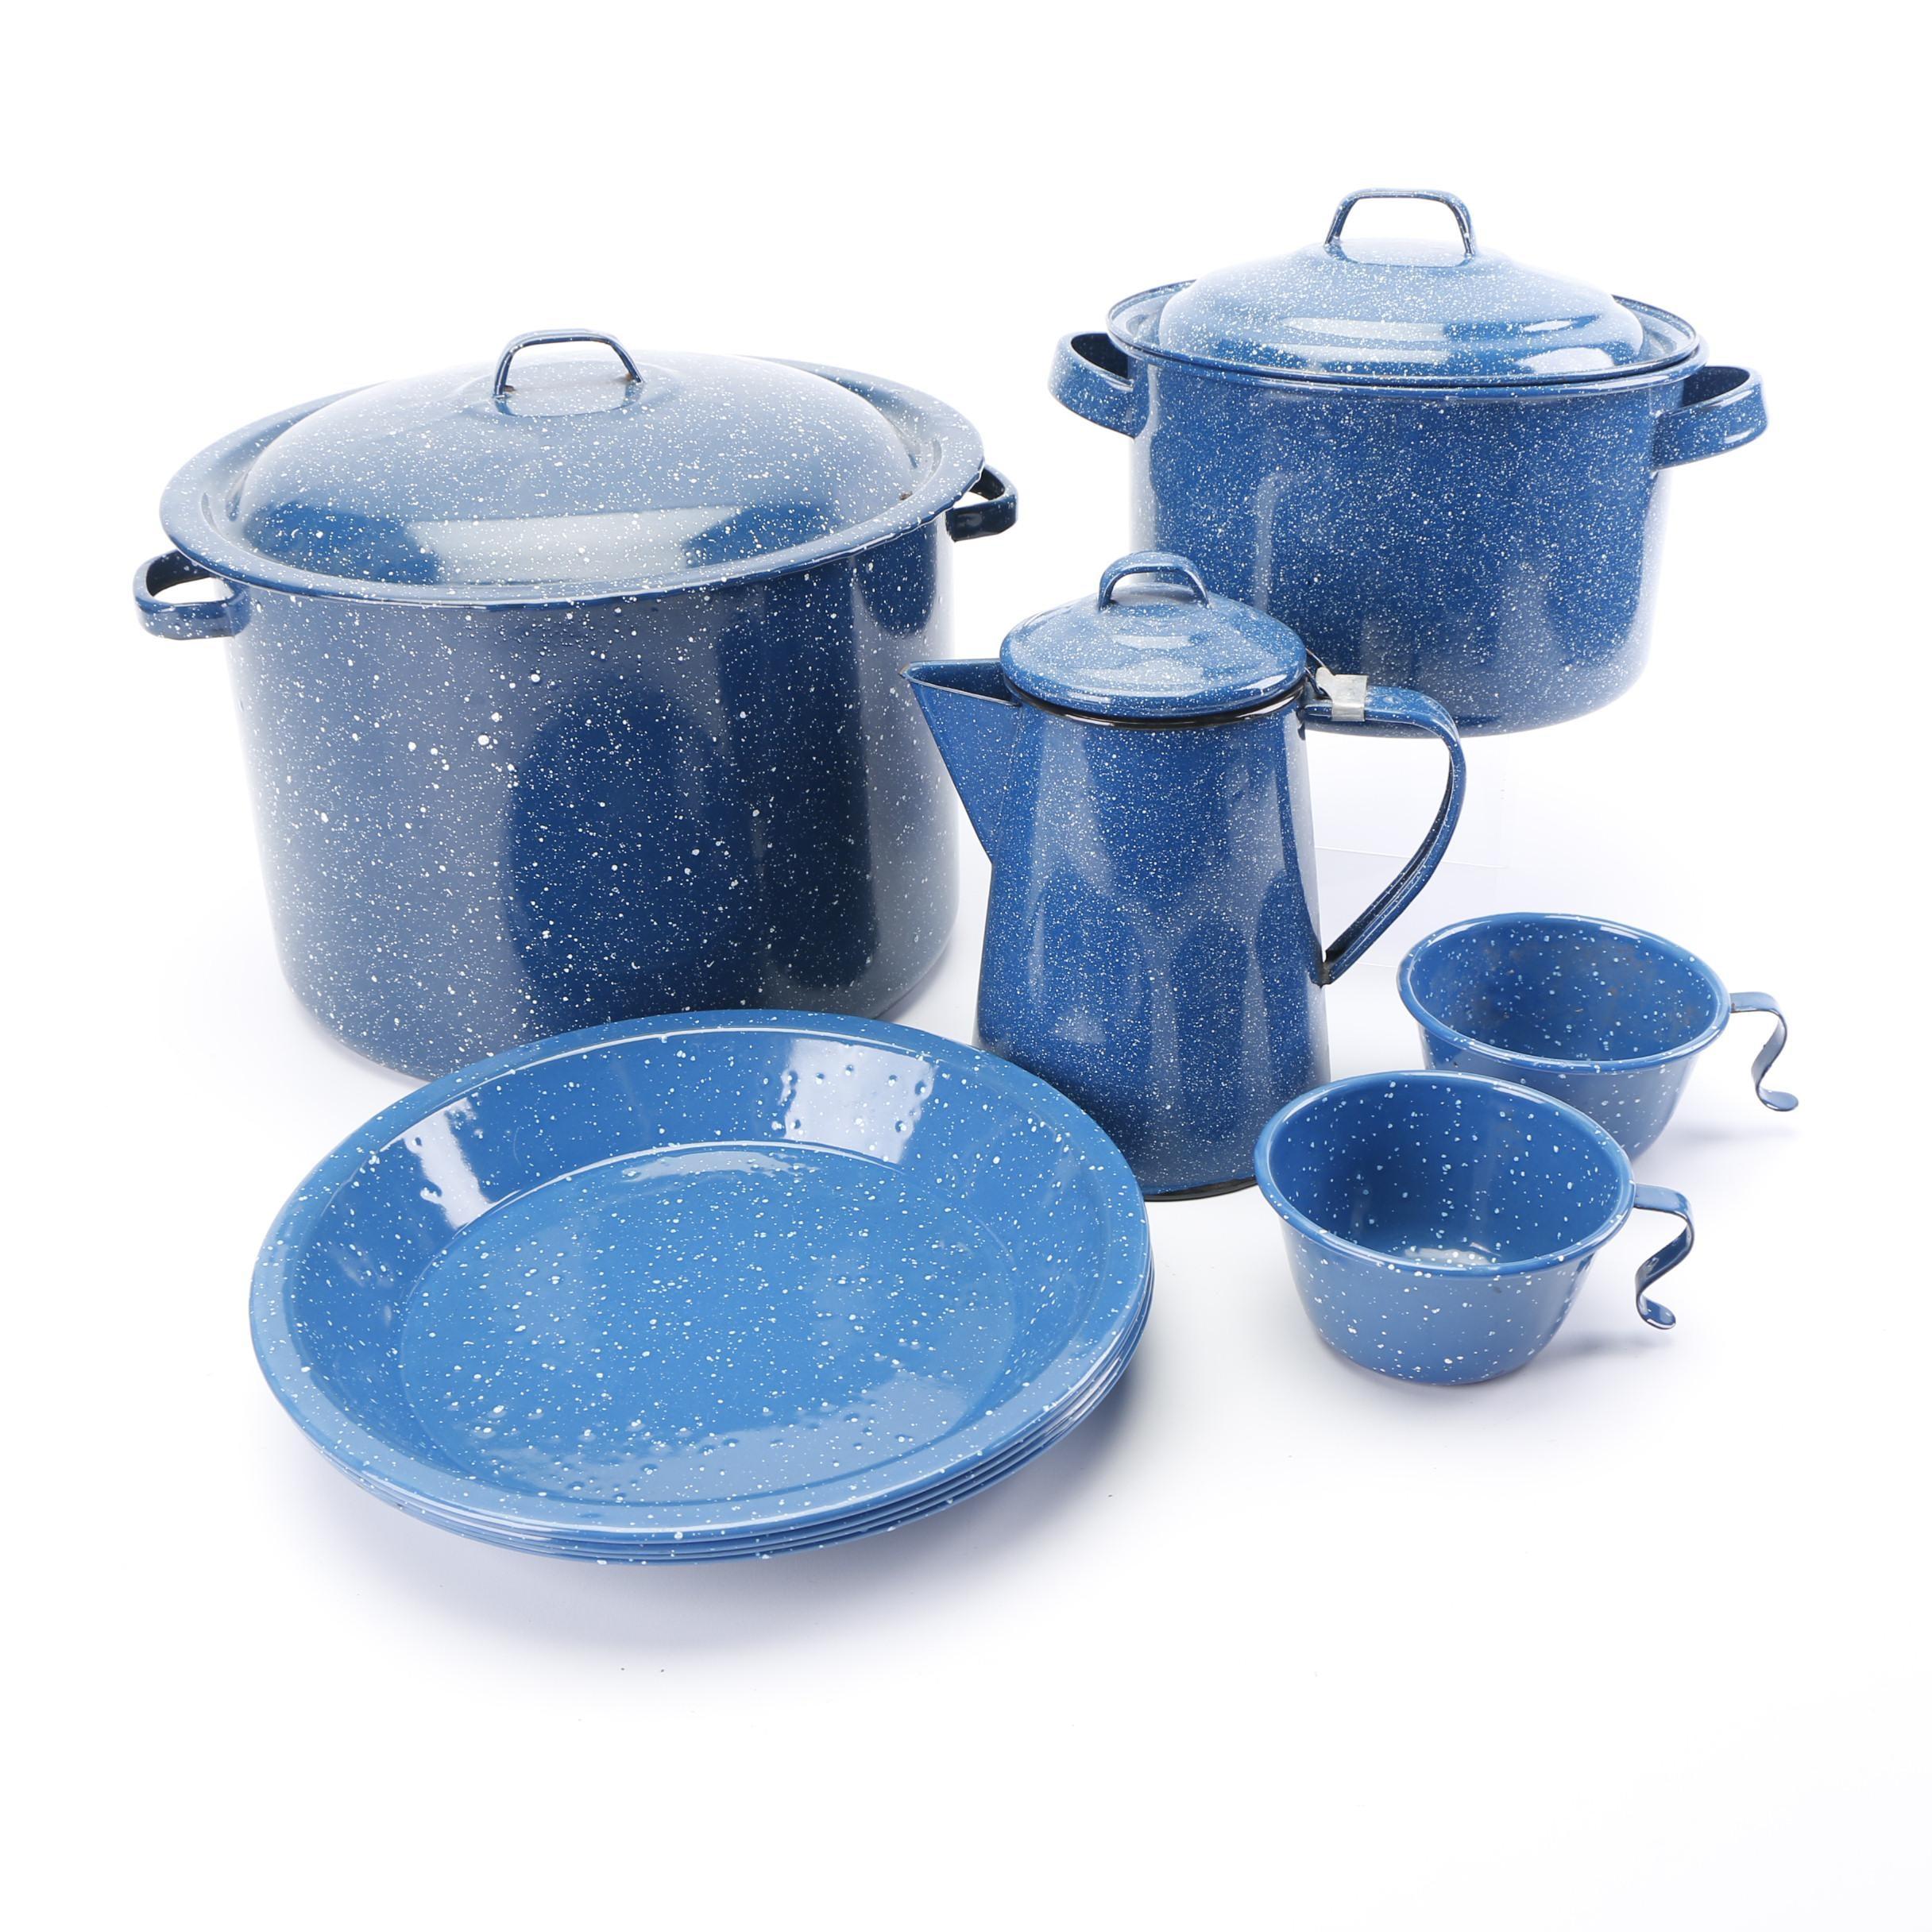 Blue Speckled Enameled Cookware